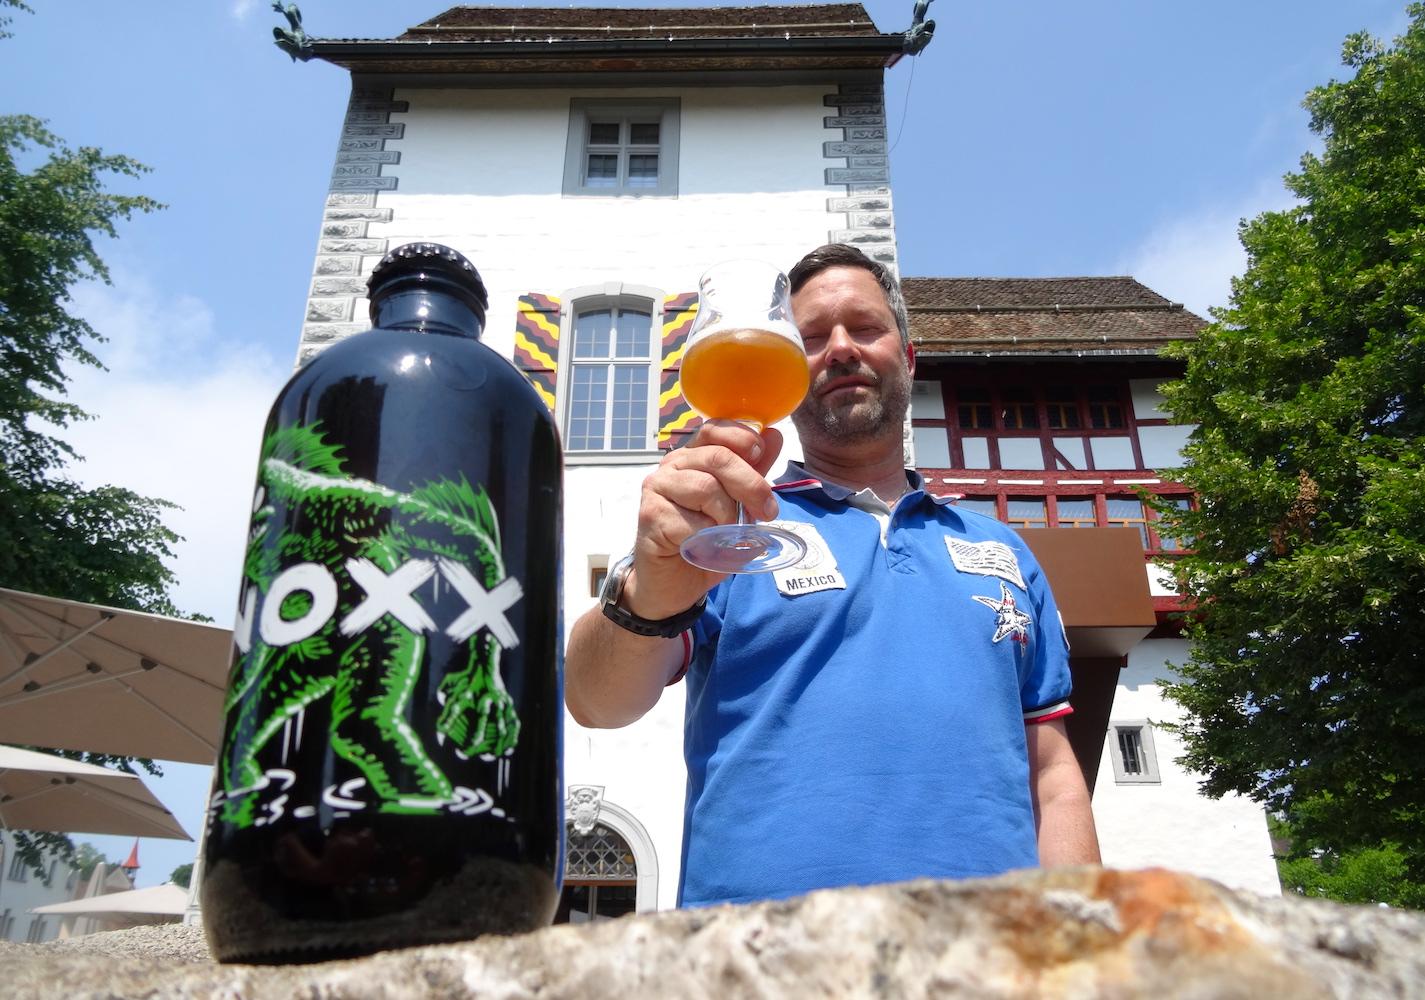 Adrian Woerz vom Brauhaus Eisbock mit dem ersten Stadtzuger Bier bei der Burg Zug.